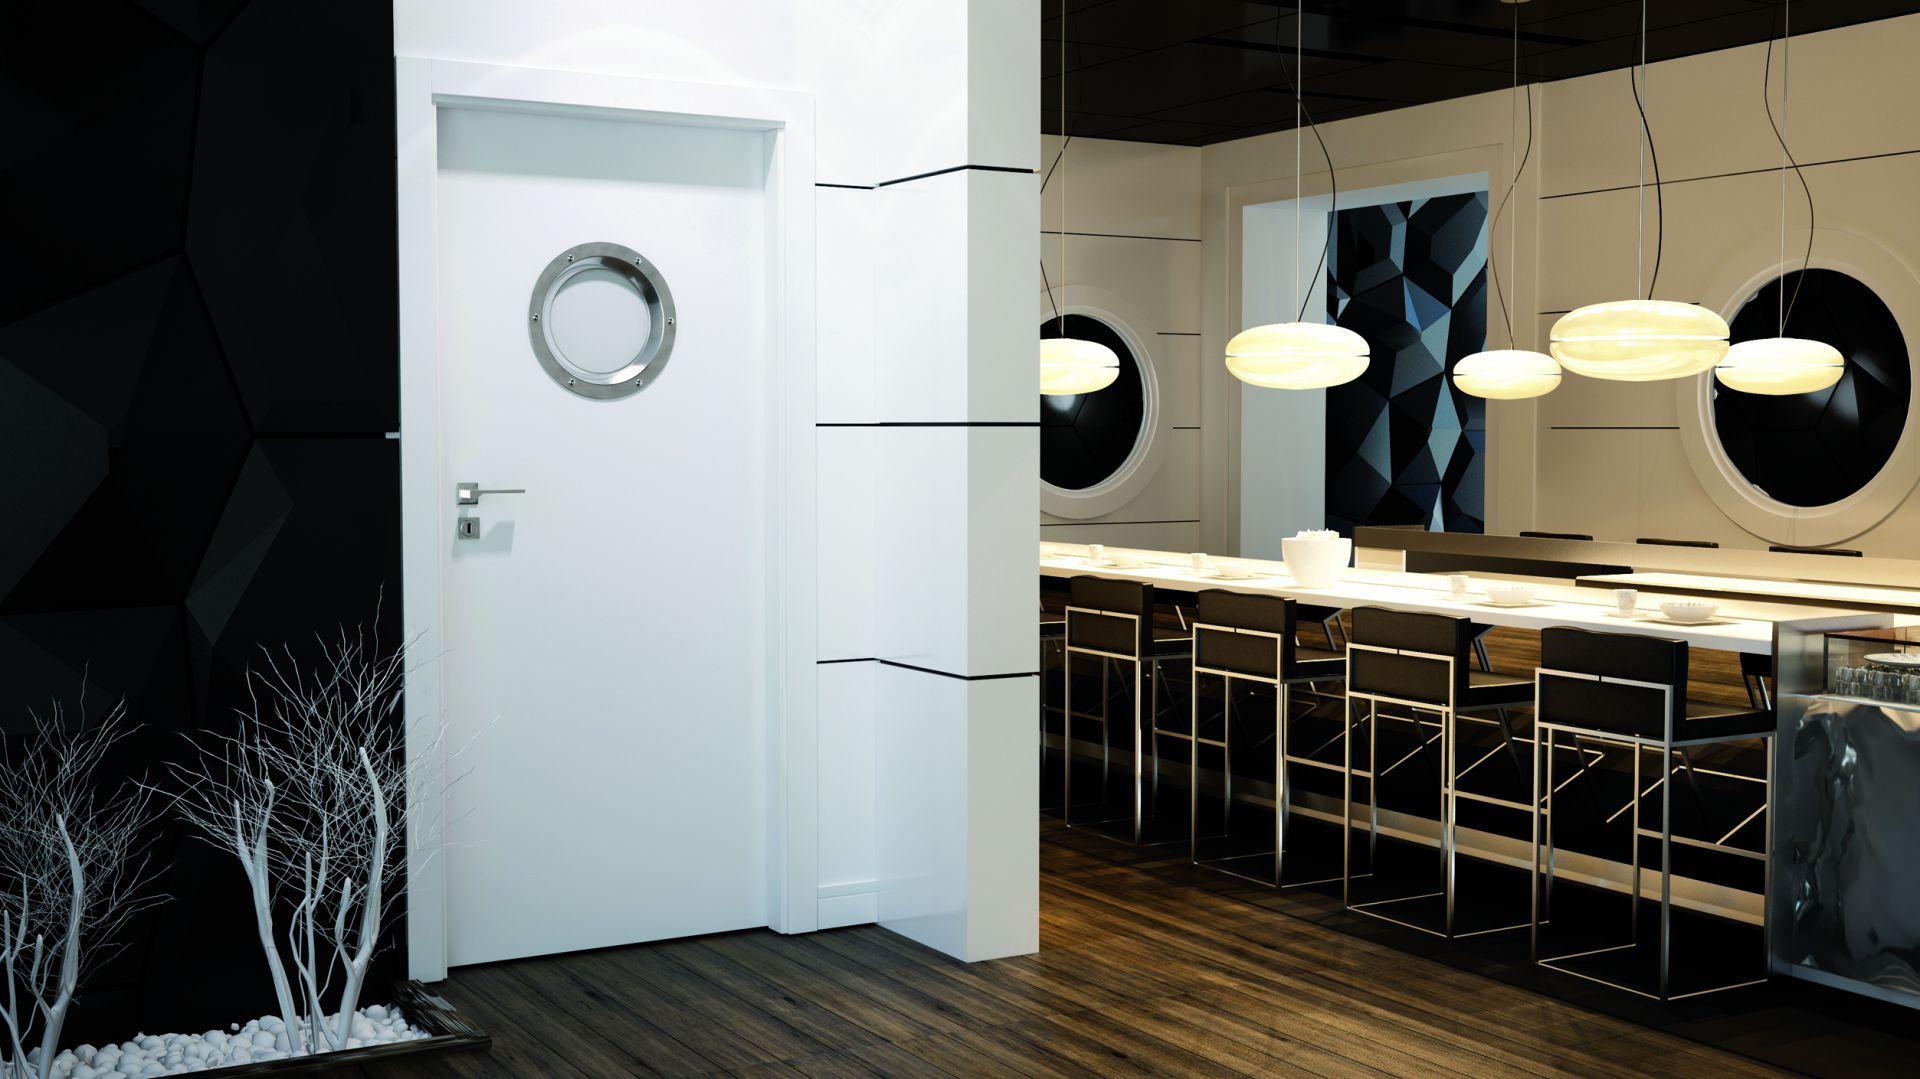 Drzwi do kuchni. Fot. Invado